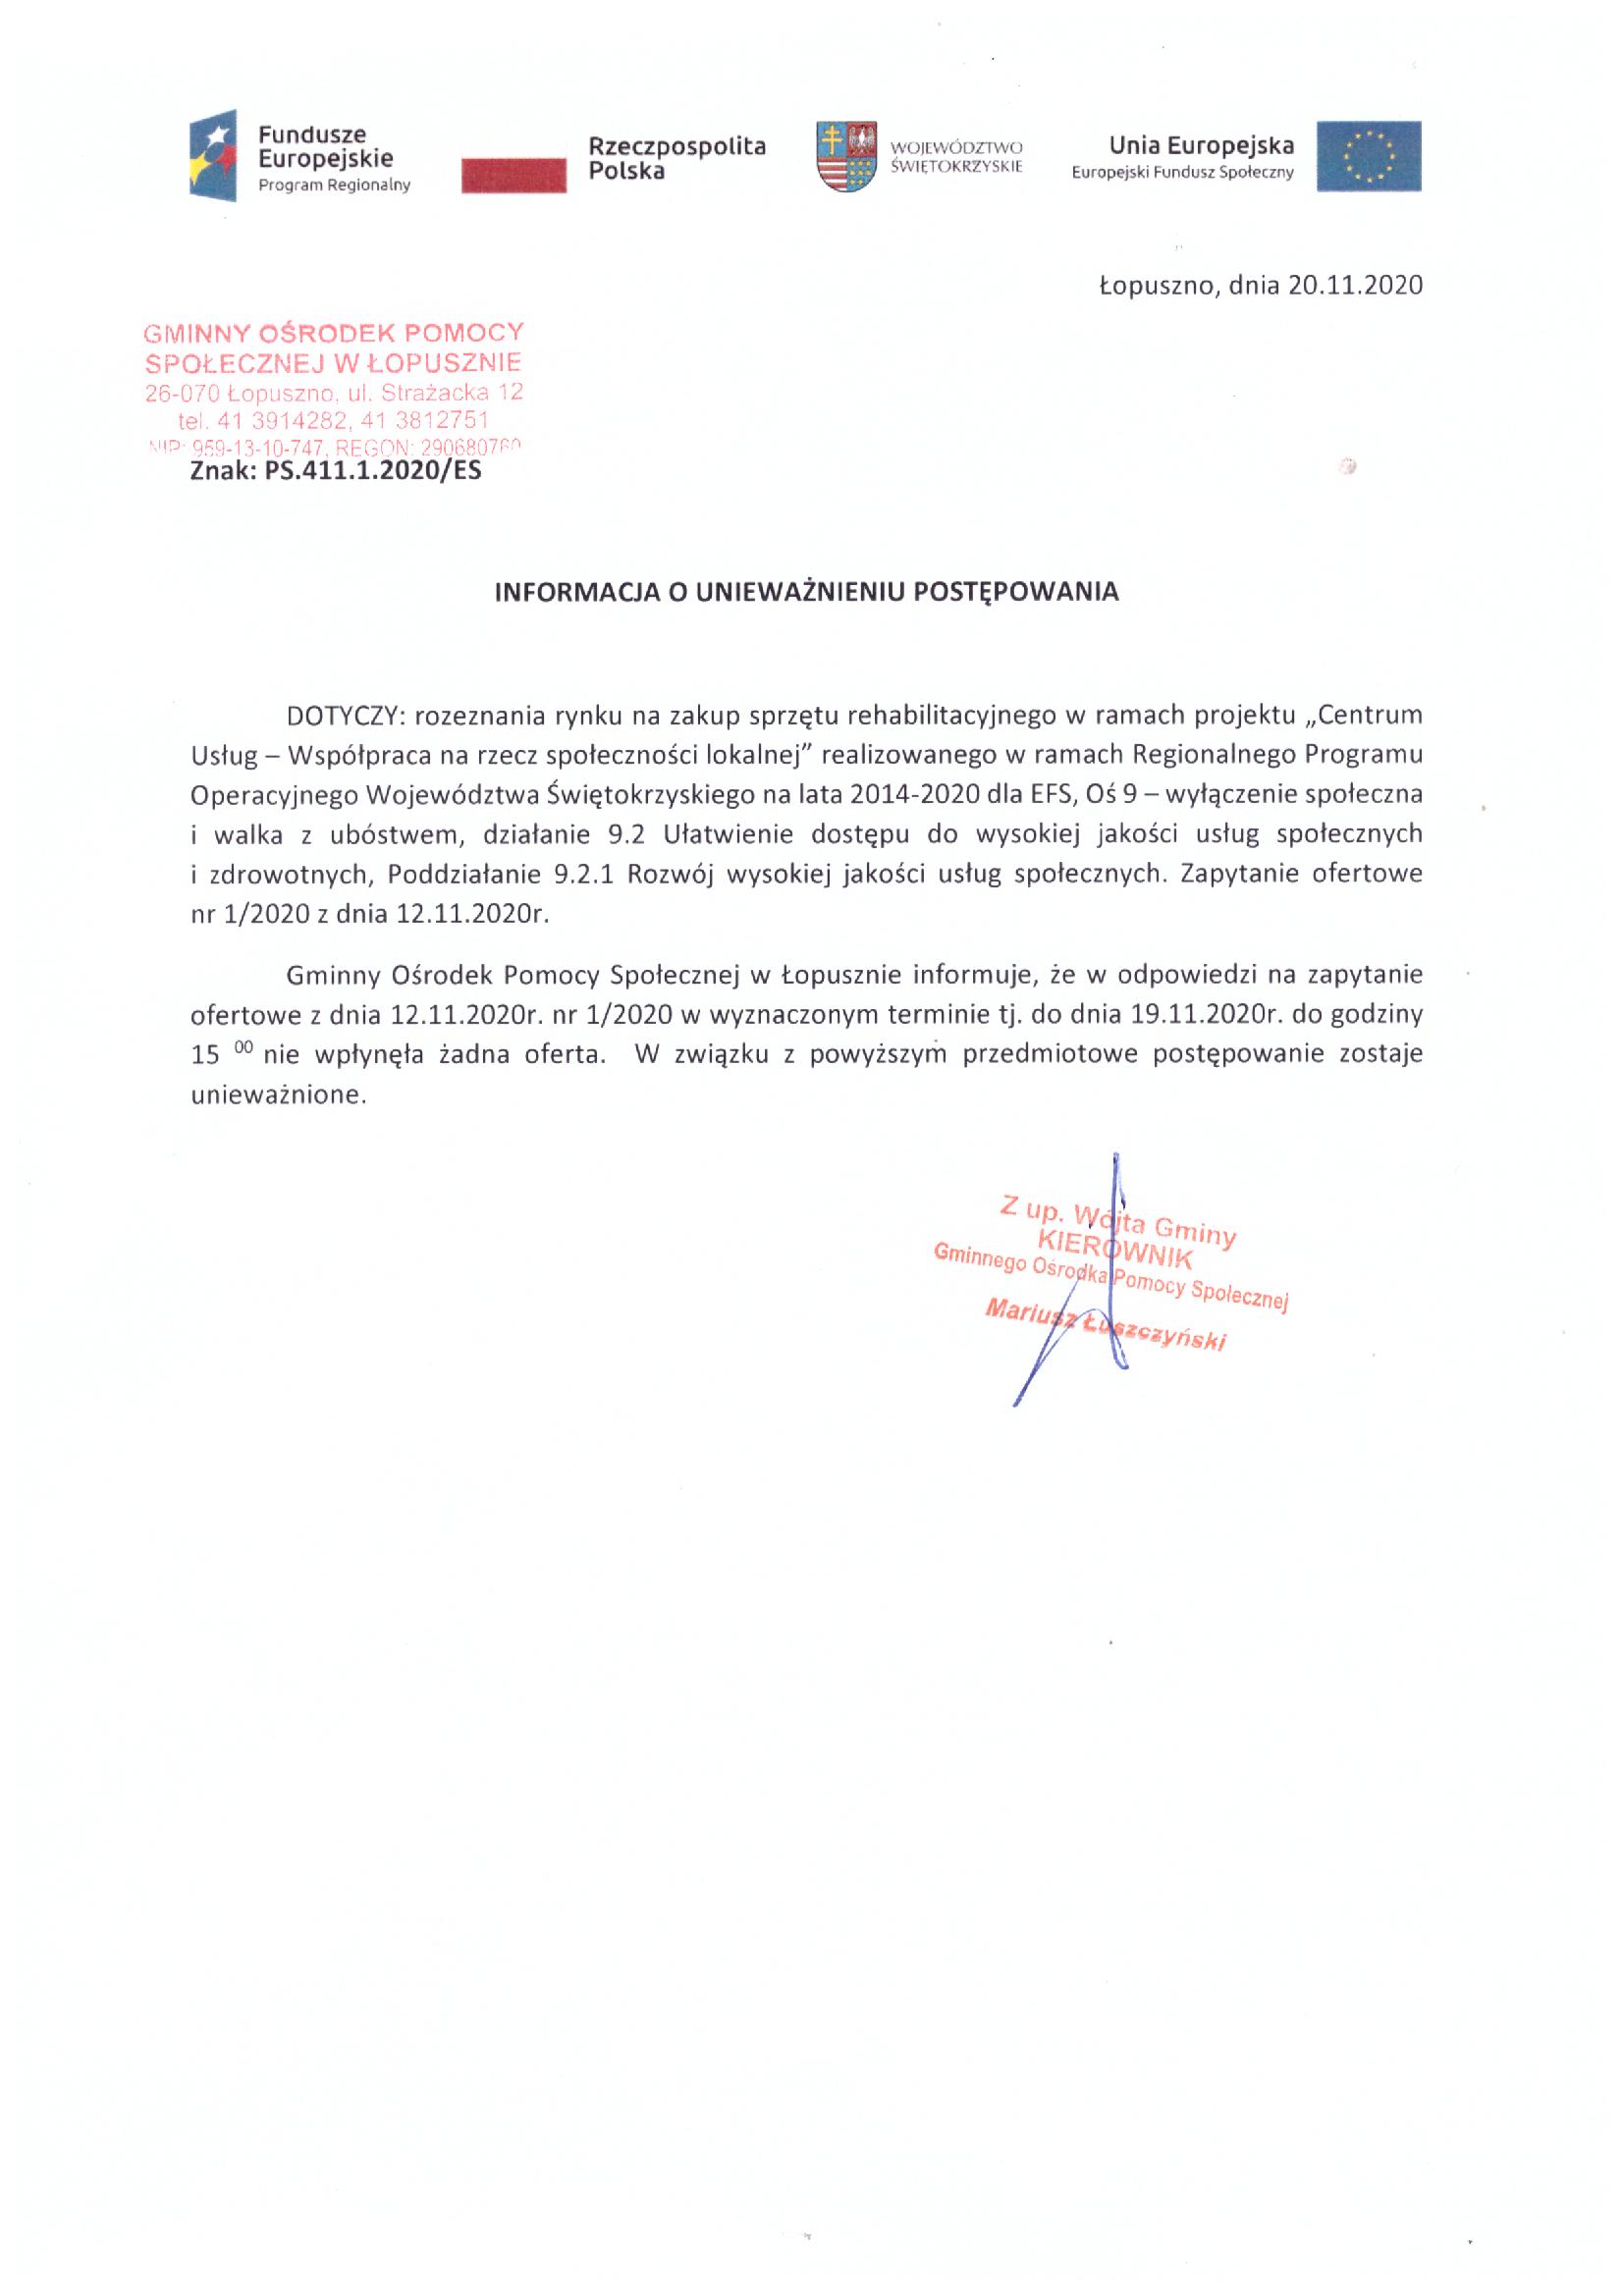 Informacja o unieważnieniu postępowania, Gminny Ośrodek Pomocy Społecznej w Łopusznie